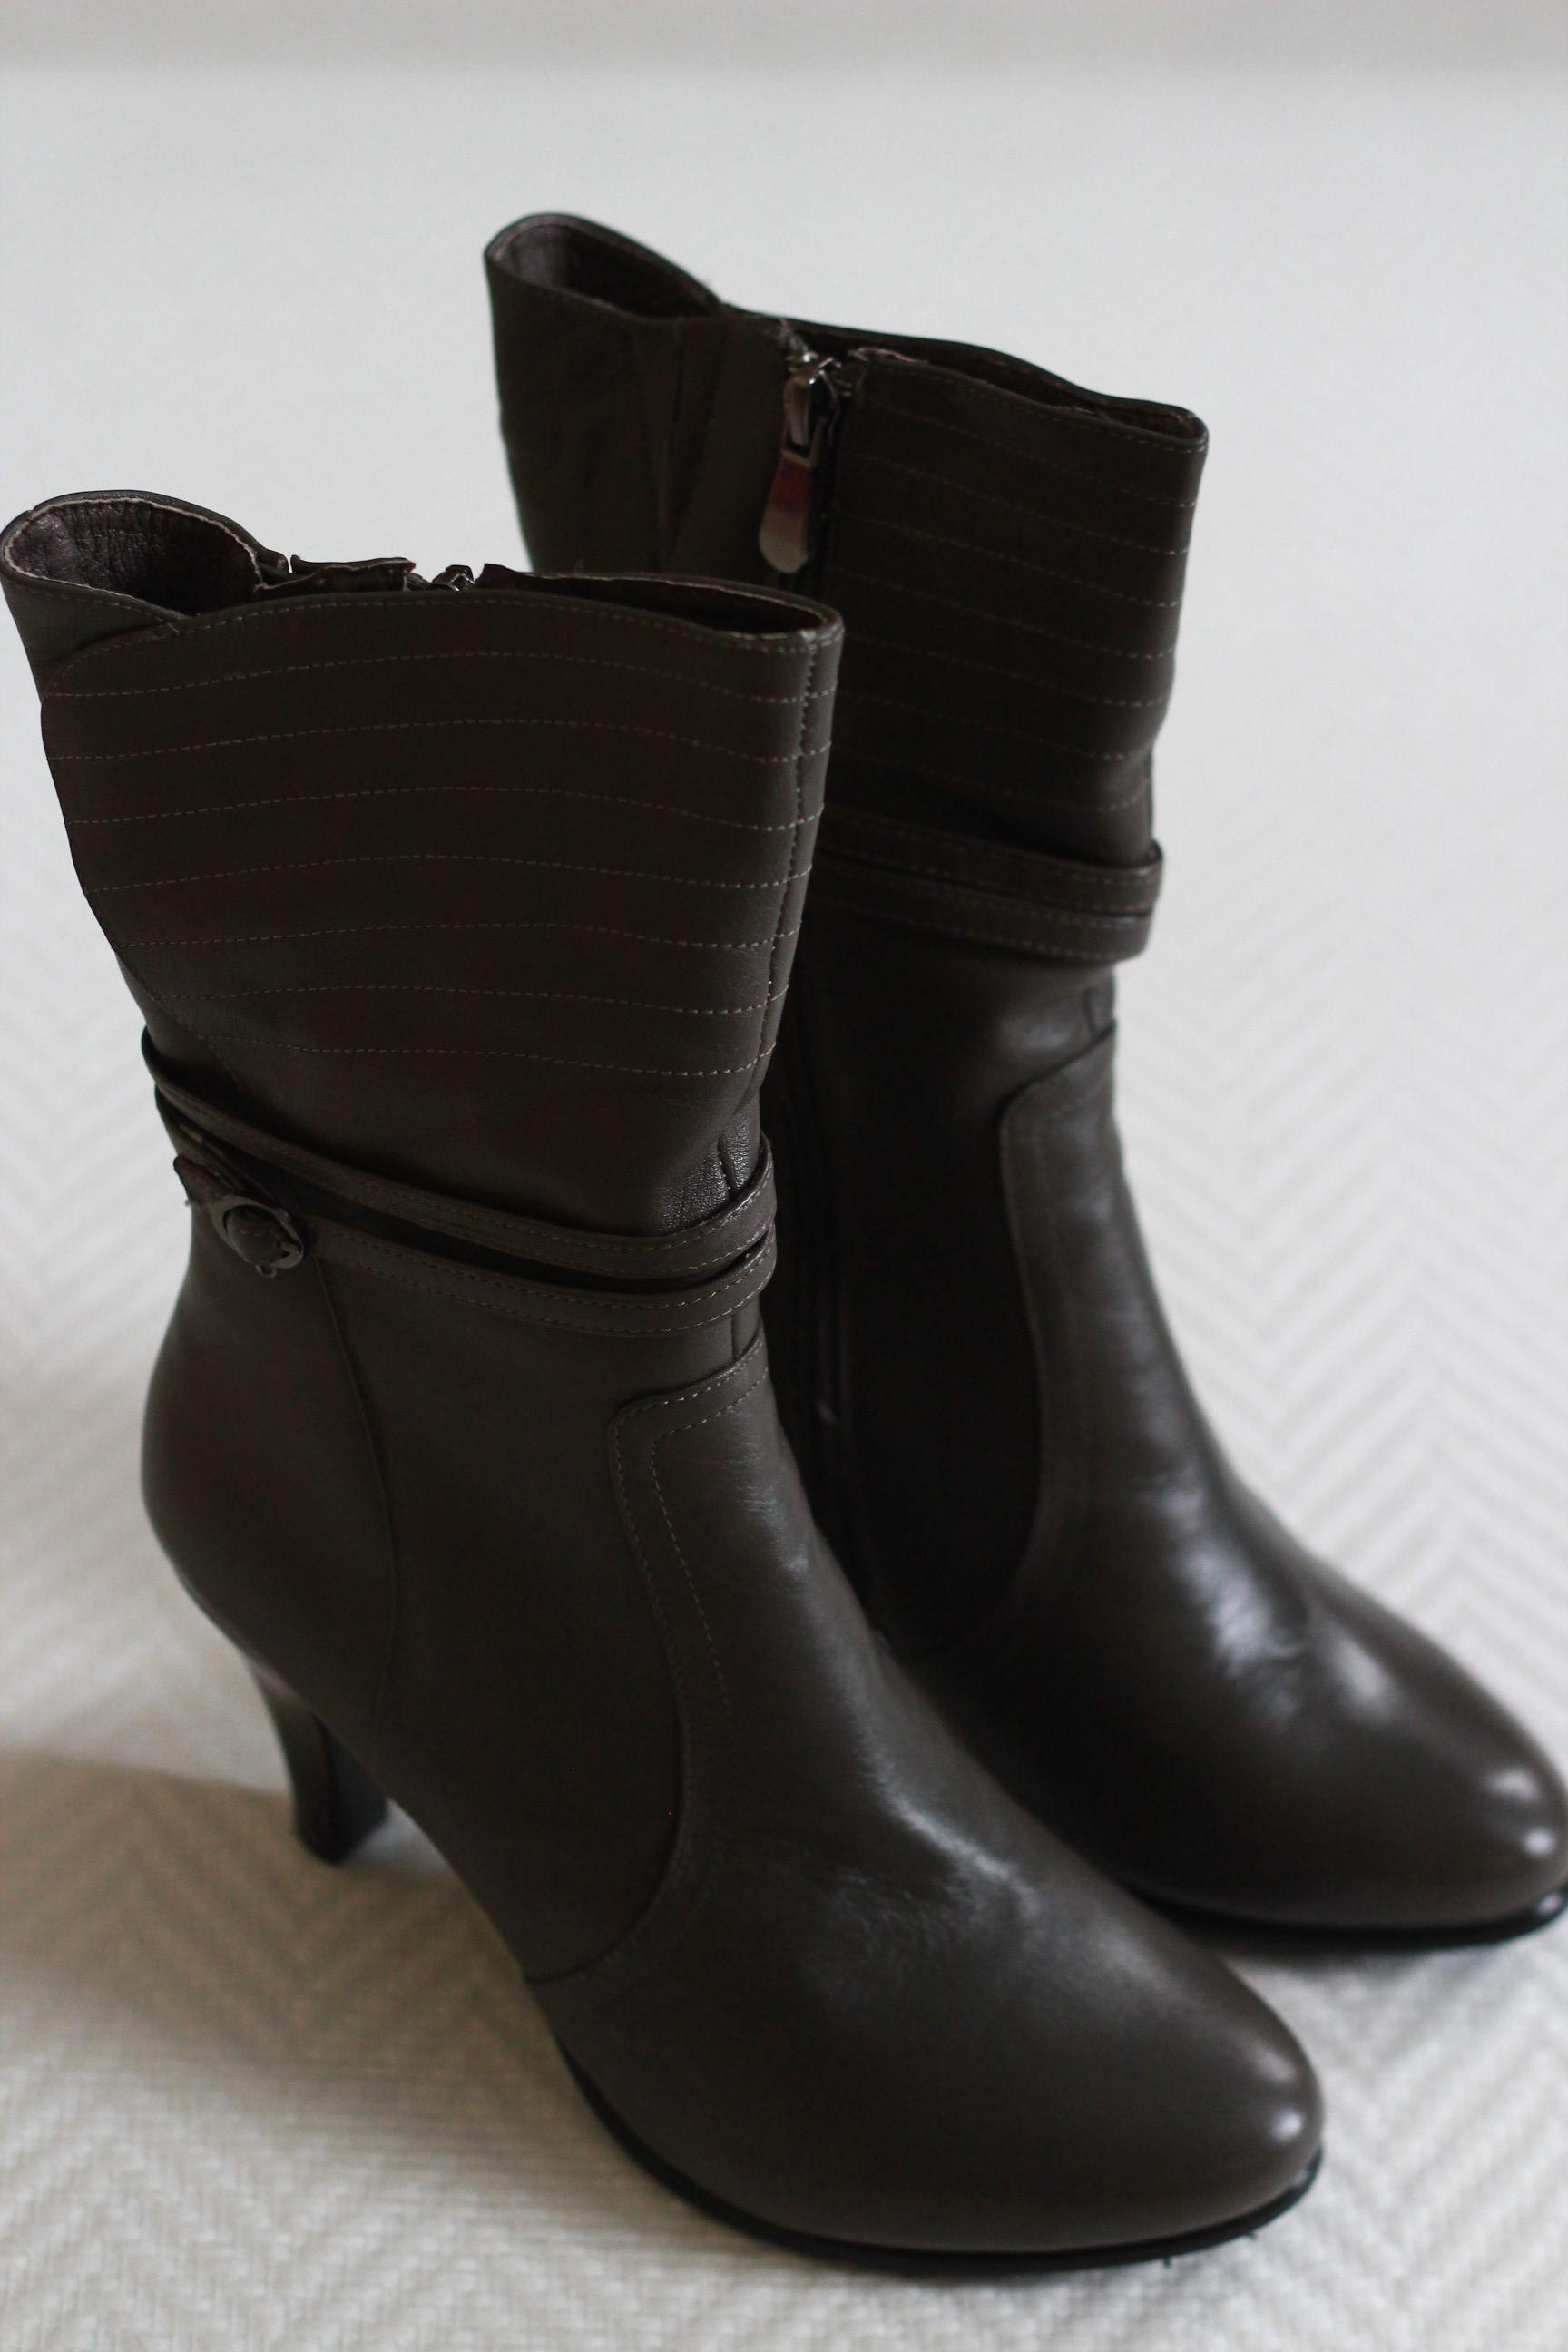 Сбор заказов. Огромный выбор обуви! Натуральная кожа от 350 рублей! Много моделей кроссовок от 290 рублей! Туфли, сапоги зима и осень, ботильоны. Отличное качество. Низкие цены